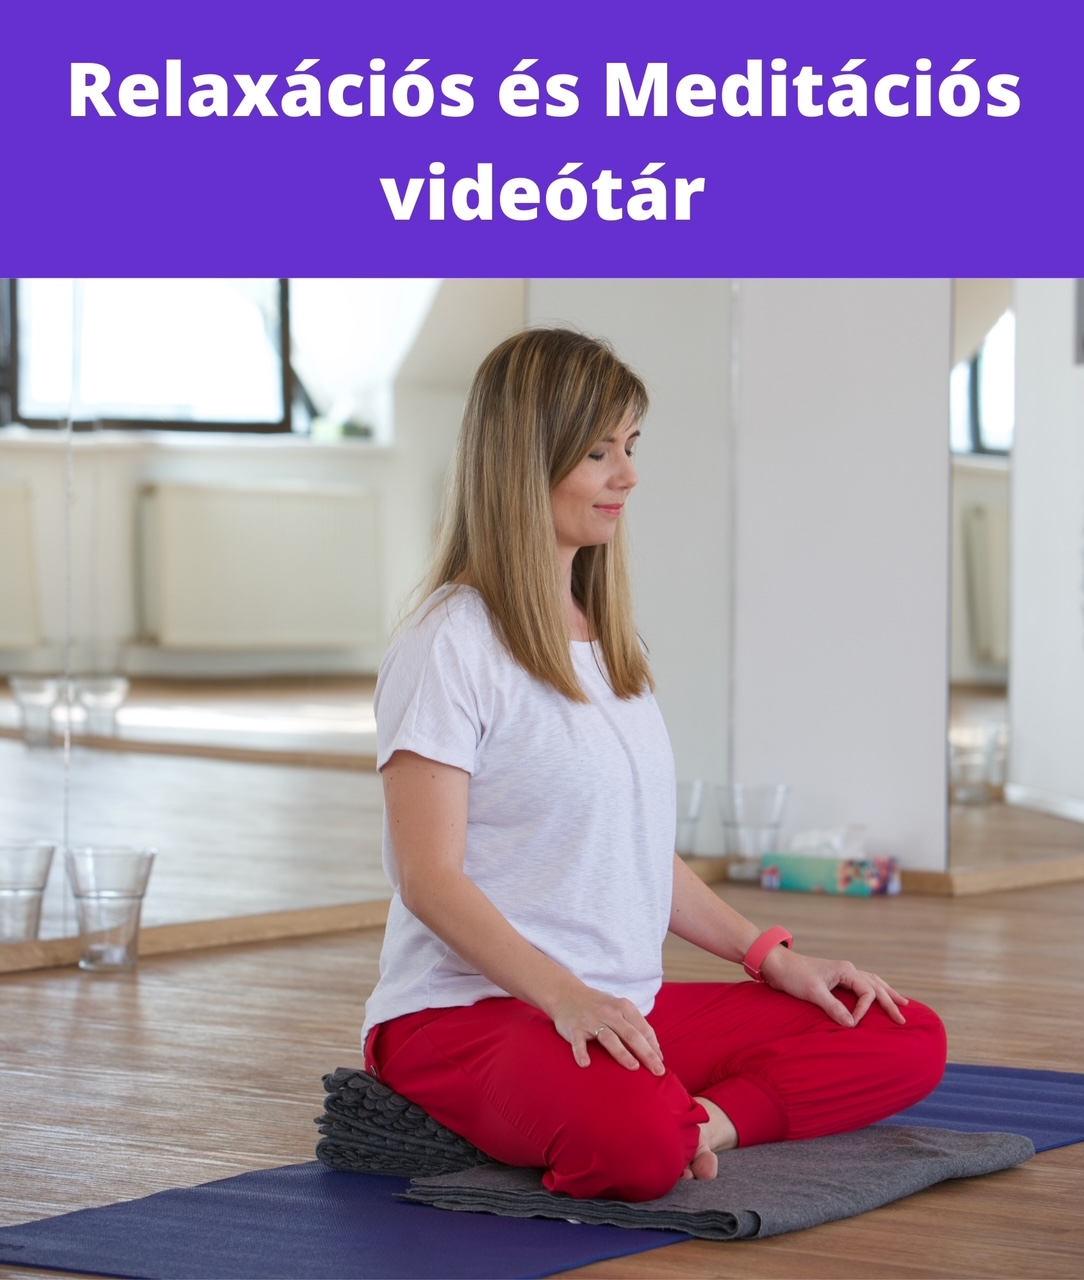 relaxacios es meditacios videotar